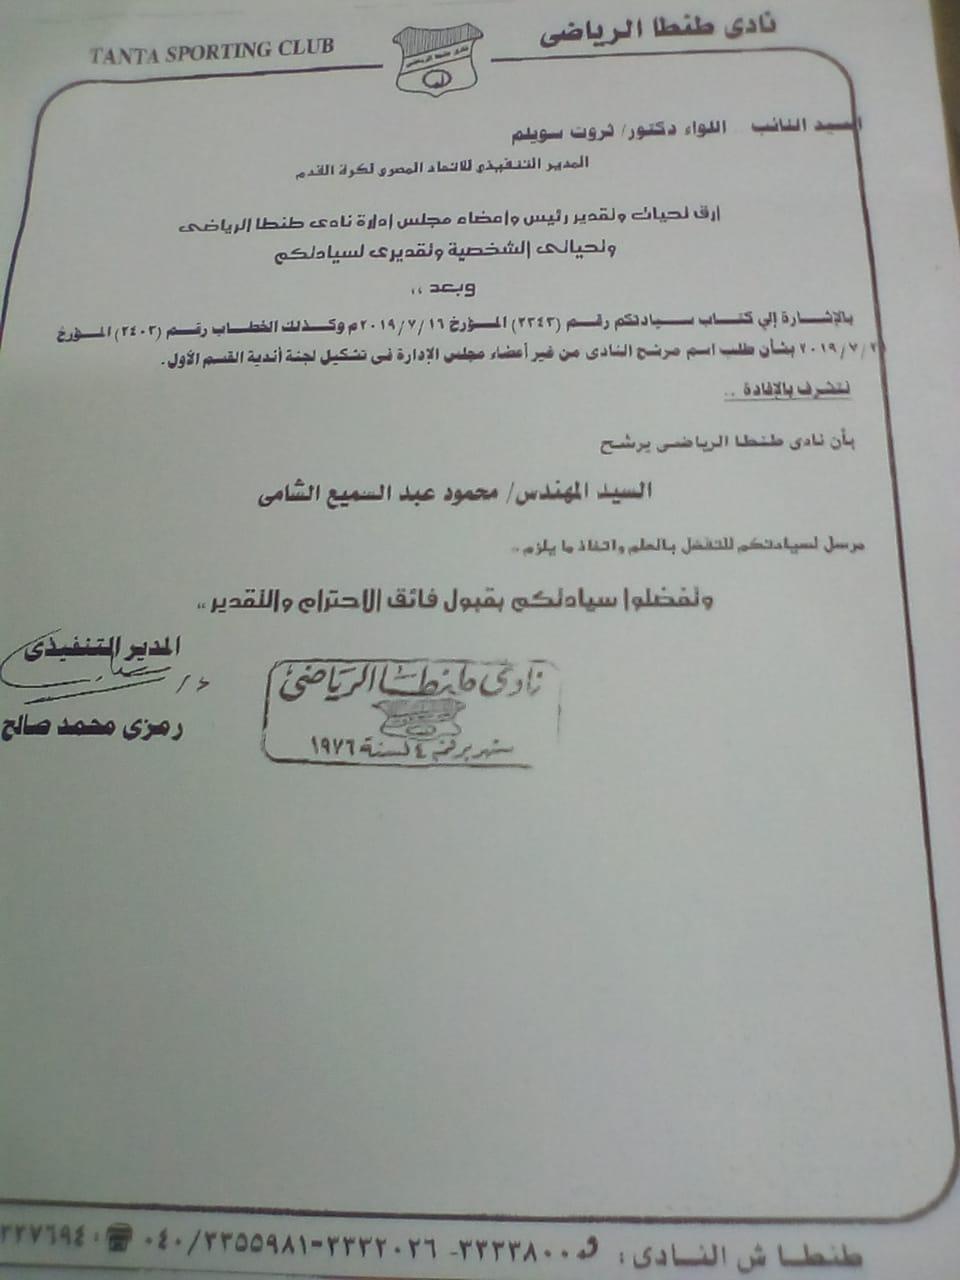 طنطا يختار محمود الشامي ممثلا في رابطة الأندية المحترفة